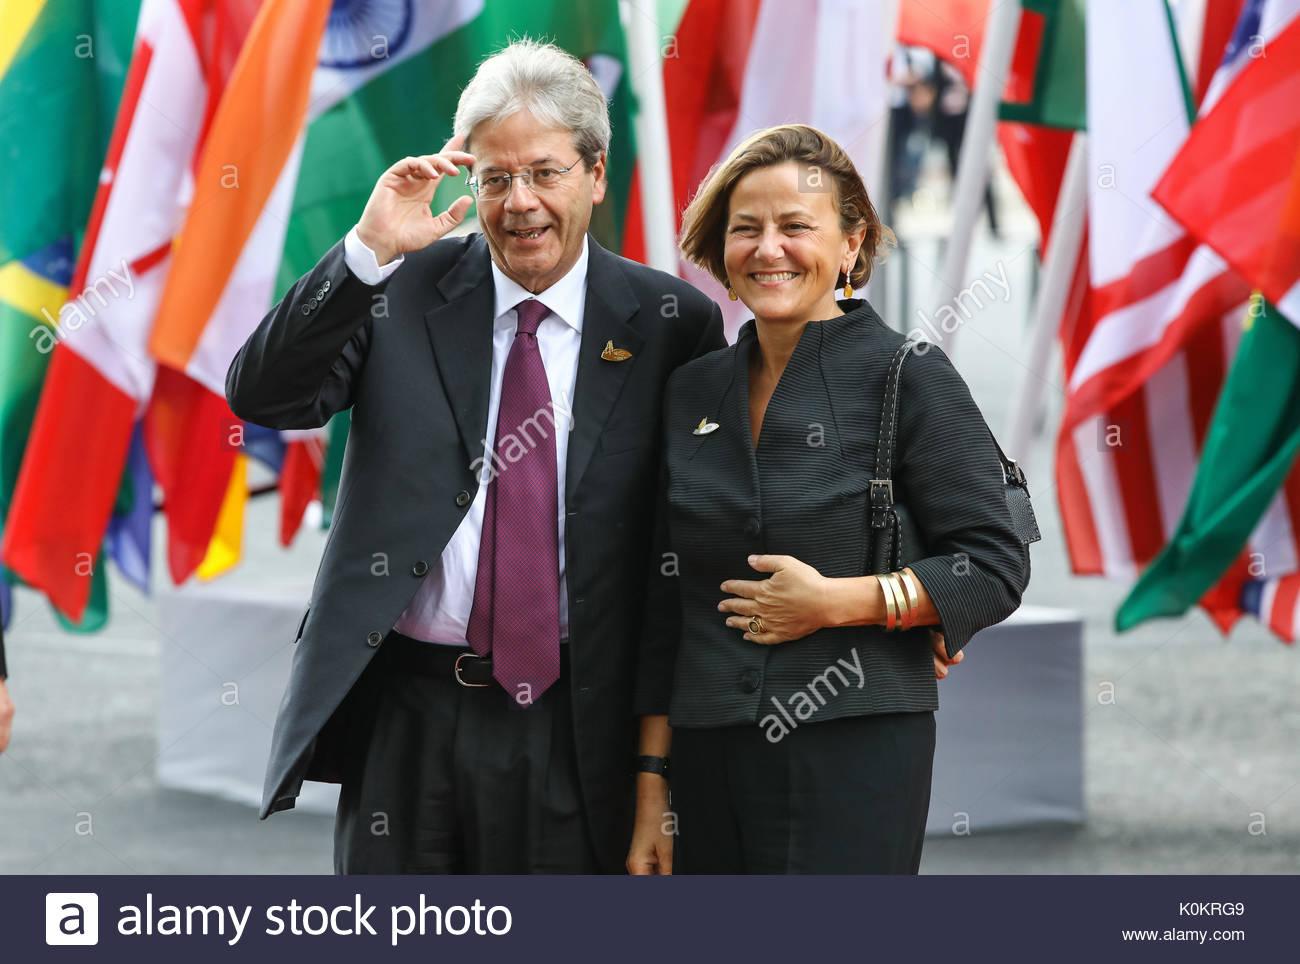 Paolo Gentiloni, Ministerpräsident Italiens mit seiner Ehefrau Emanuela Di Mauro beim Eintreffen zum G20-Konzert in der Elbphilharmonie in Hamburg. - Stock Image